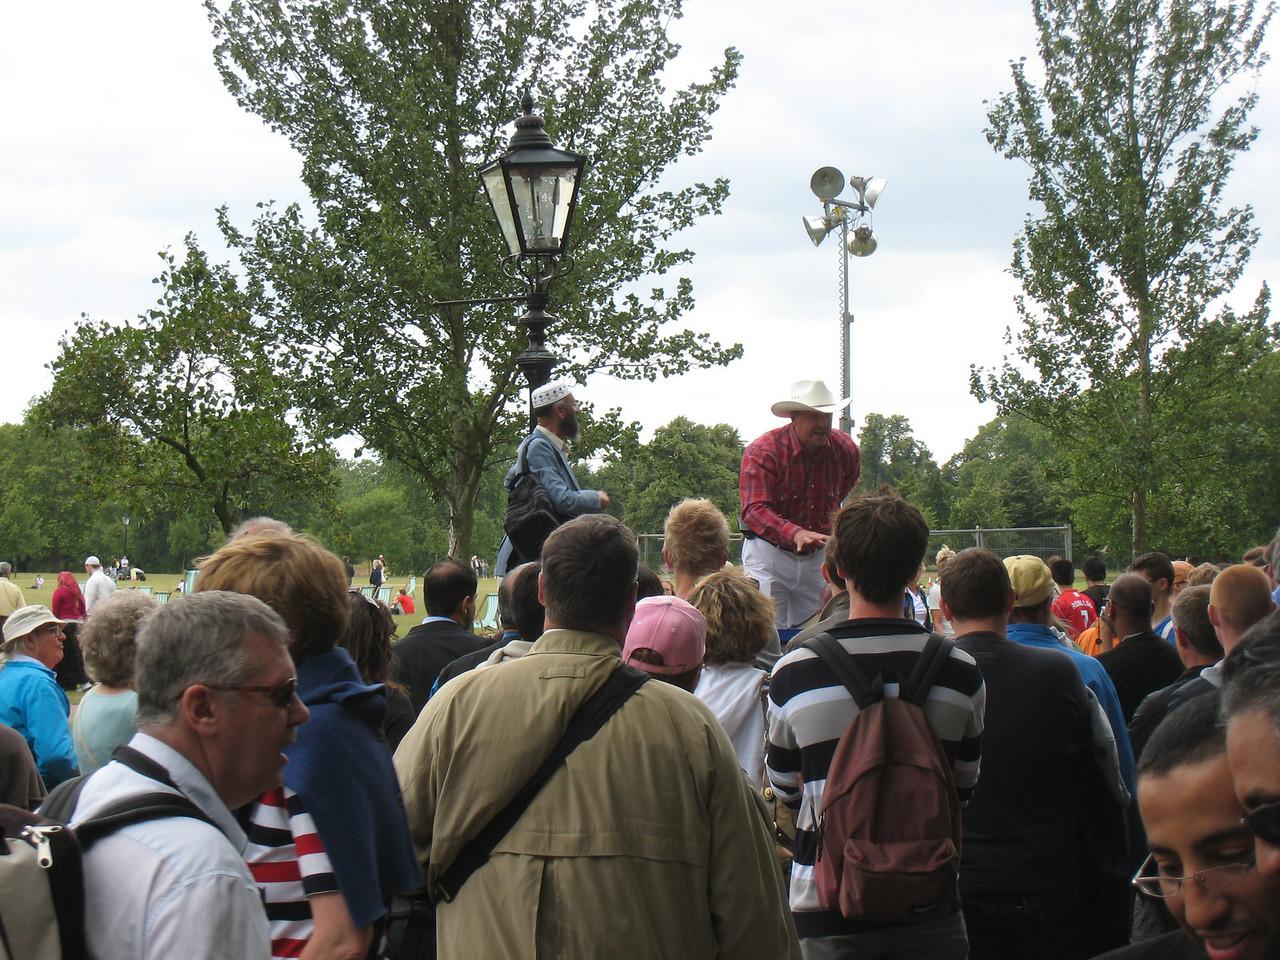 Speaker's corner in Hyde Park